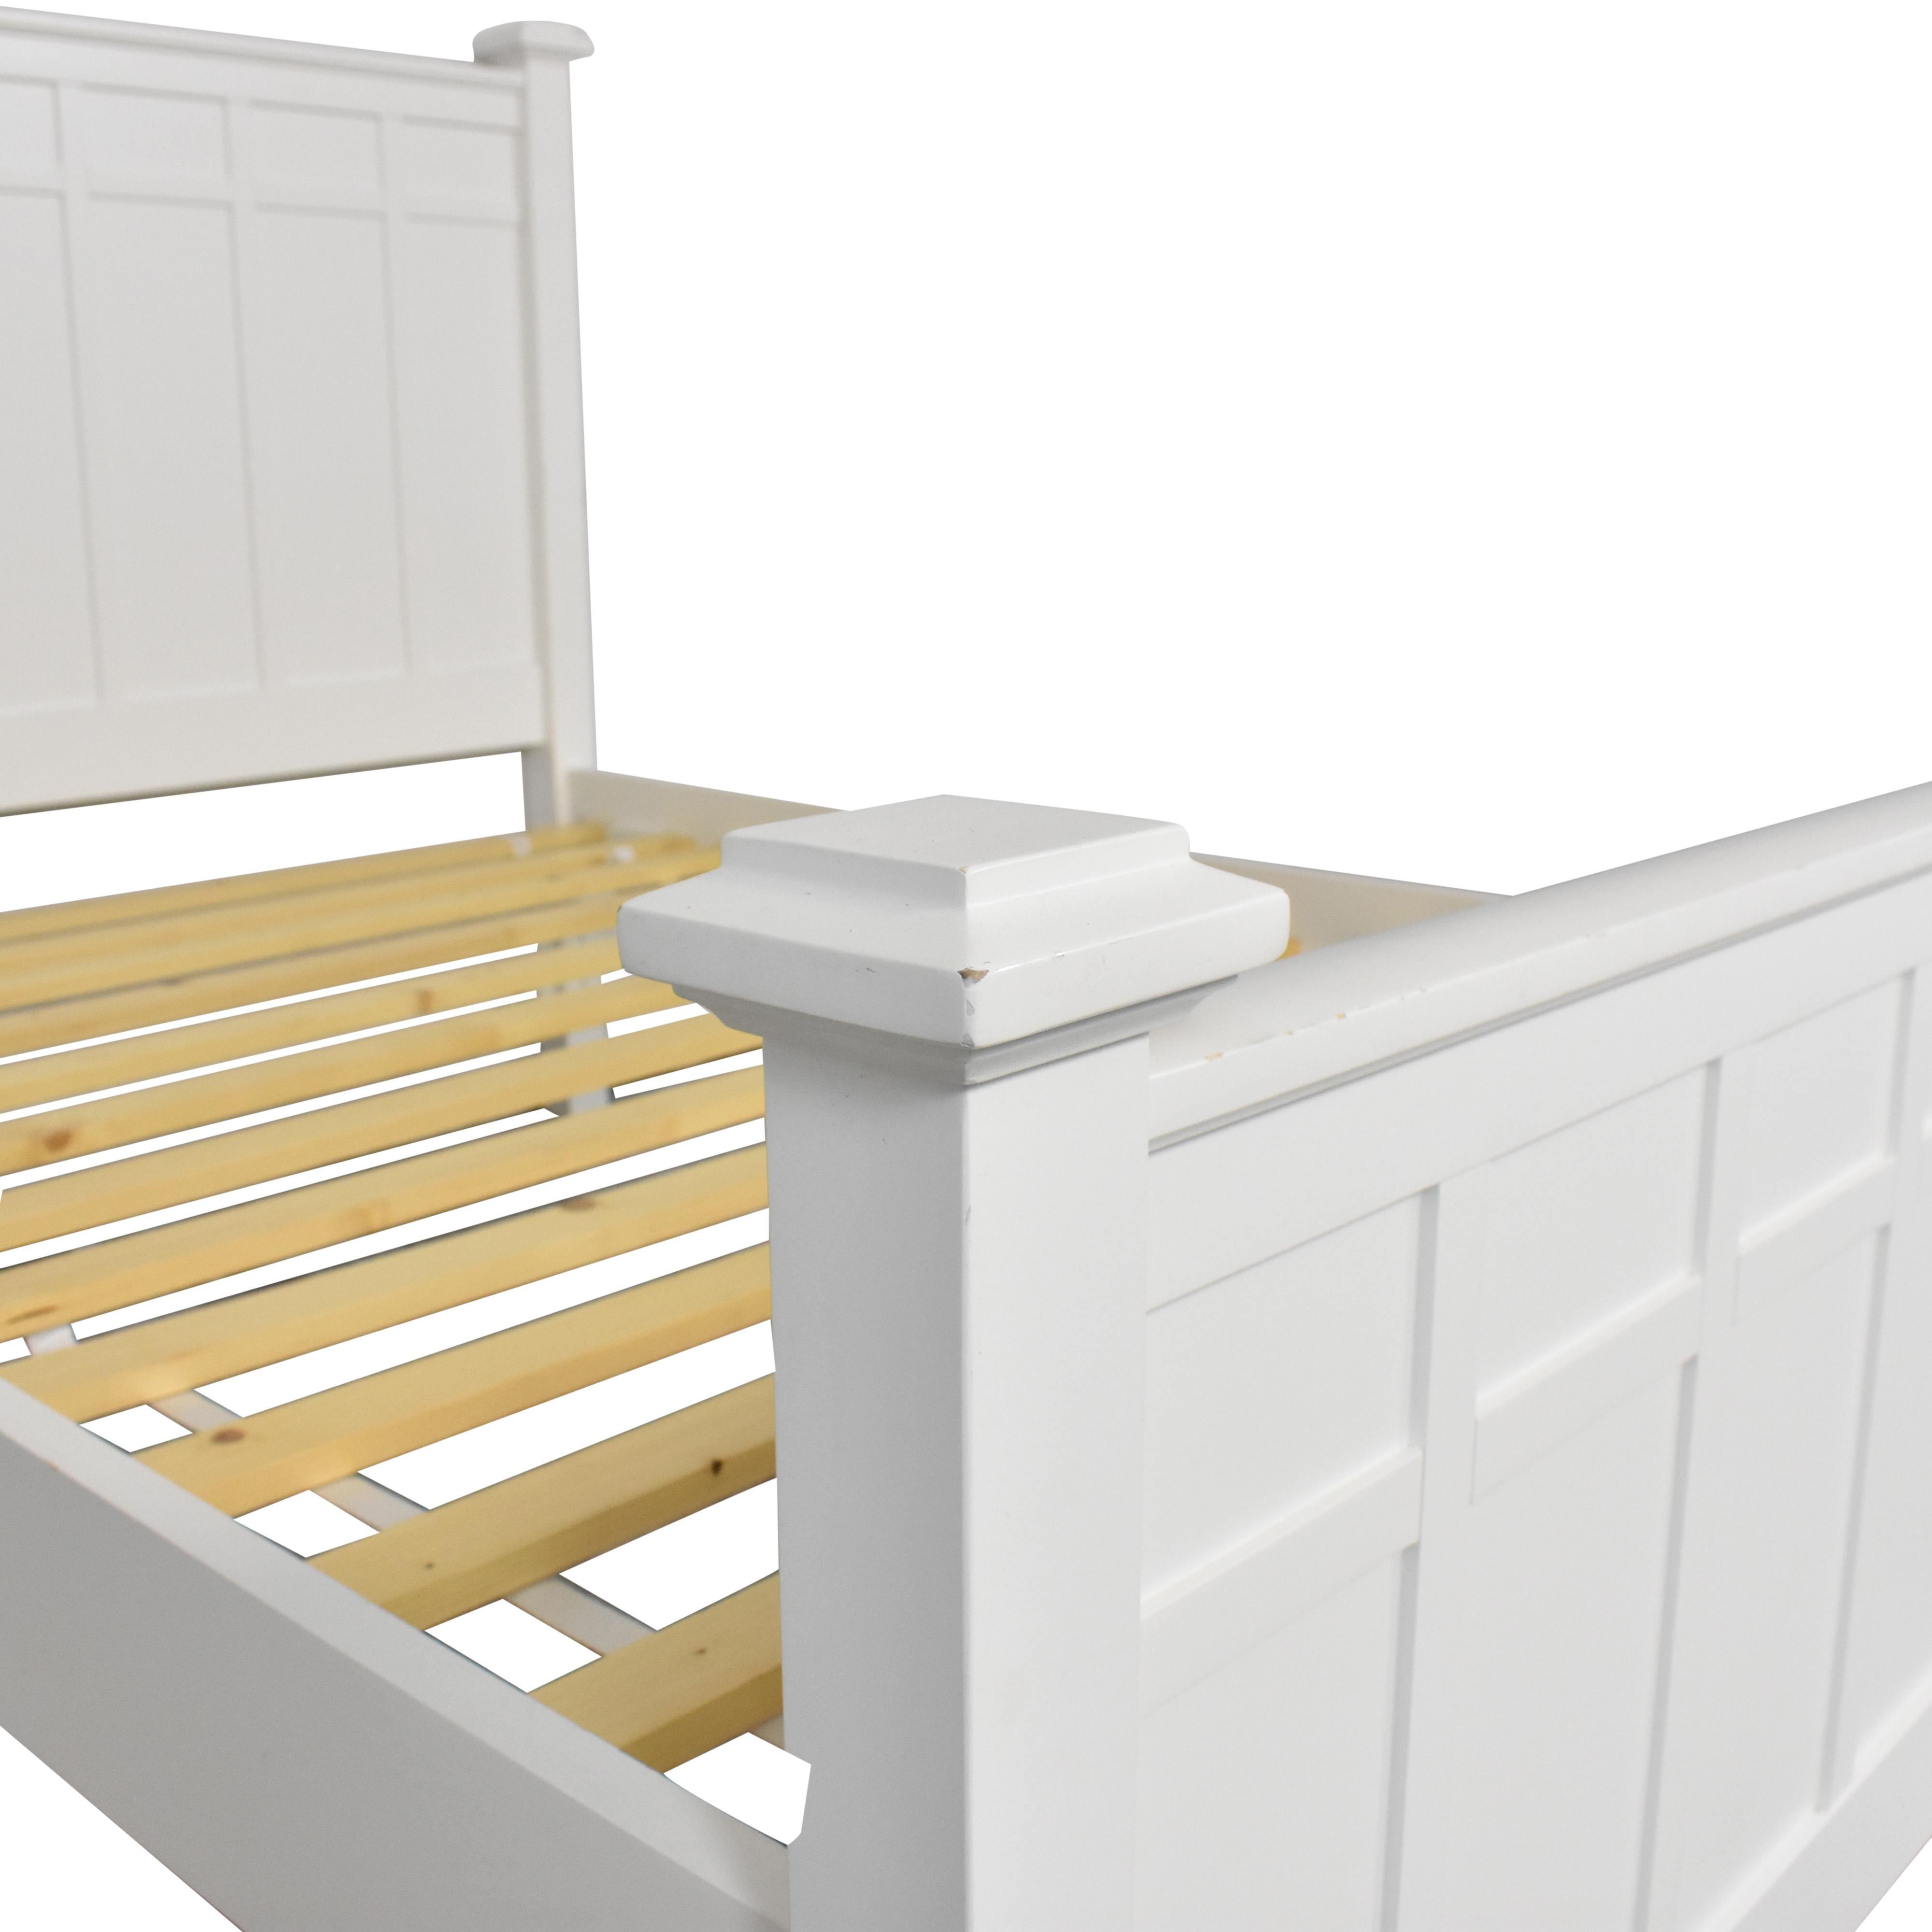 Crate & Barrel Crate & Barrel Full Bed Frame dimensions